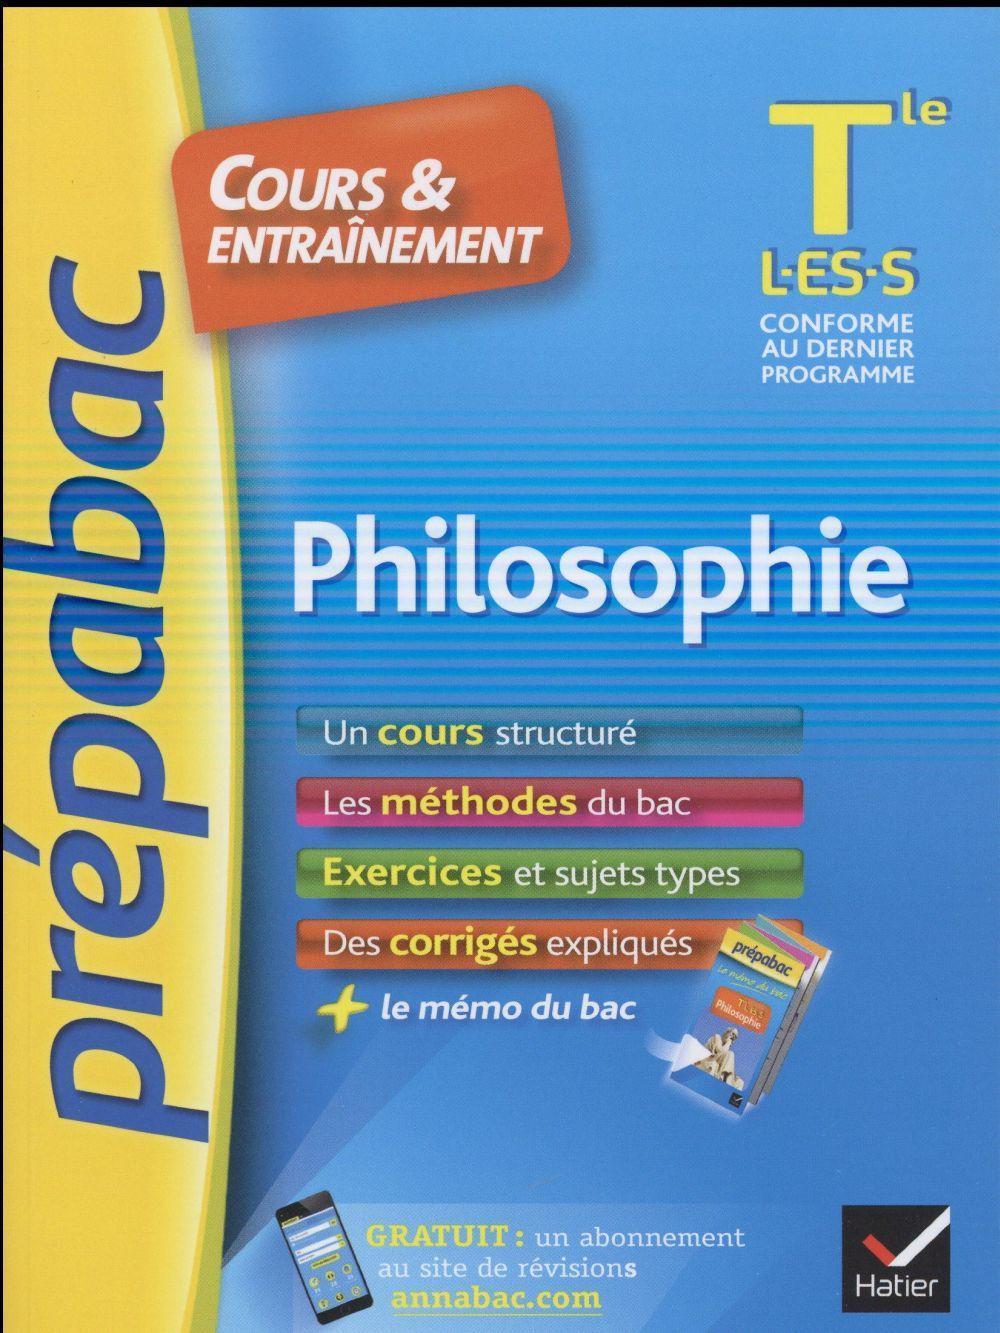 Dissertation terminale philo